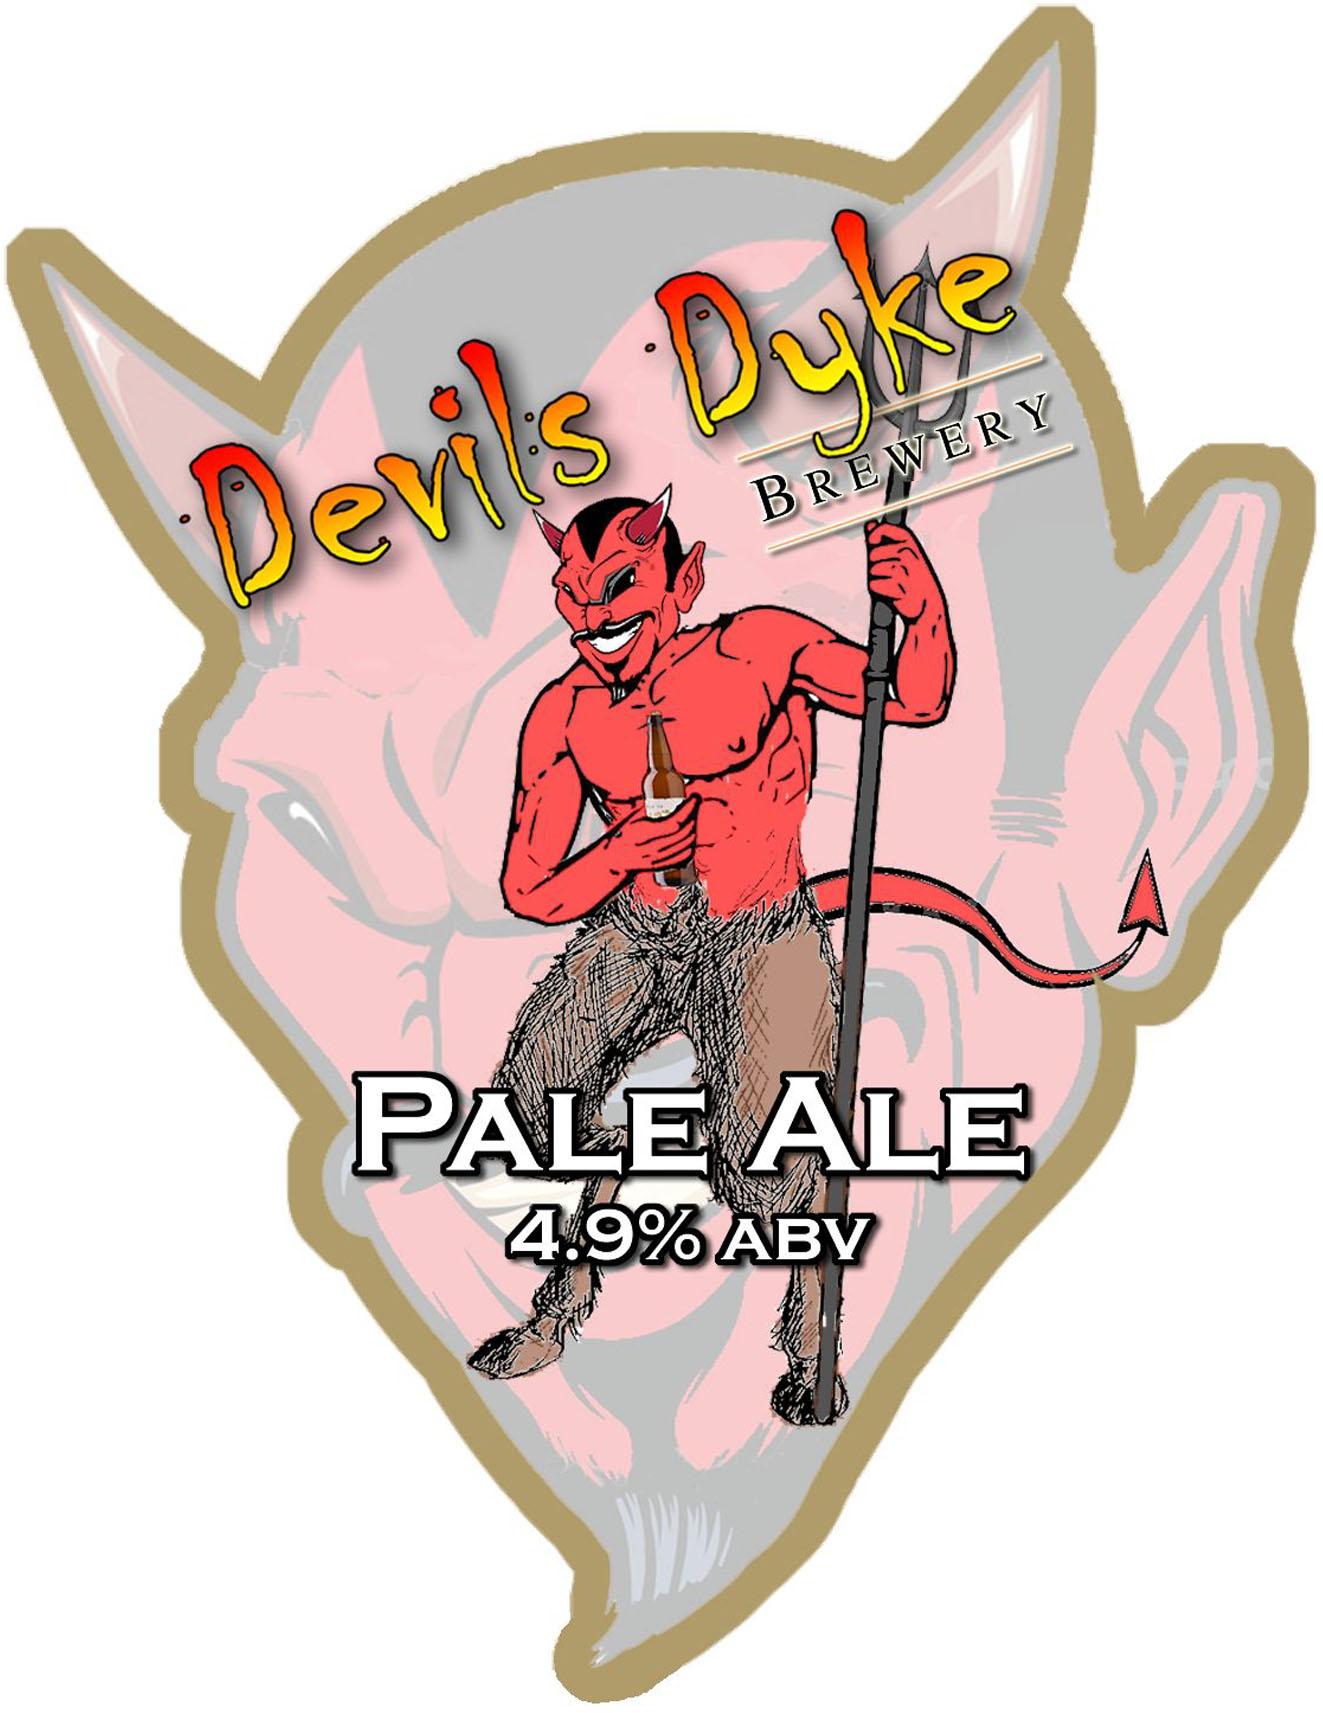 Devils Dyke(v2)_0.8.4.1